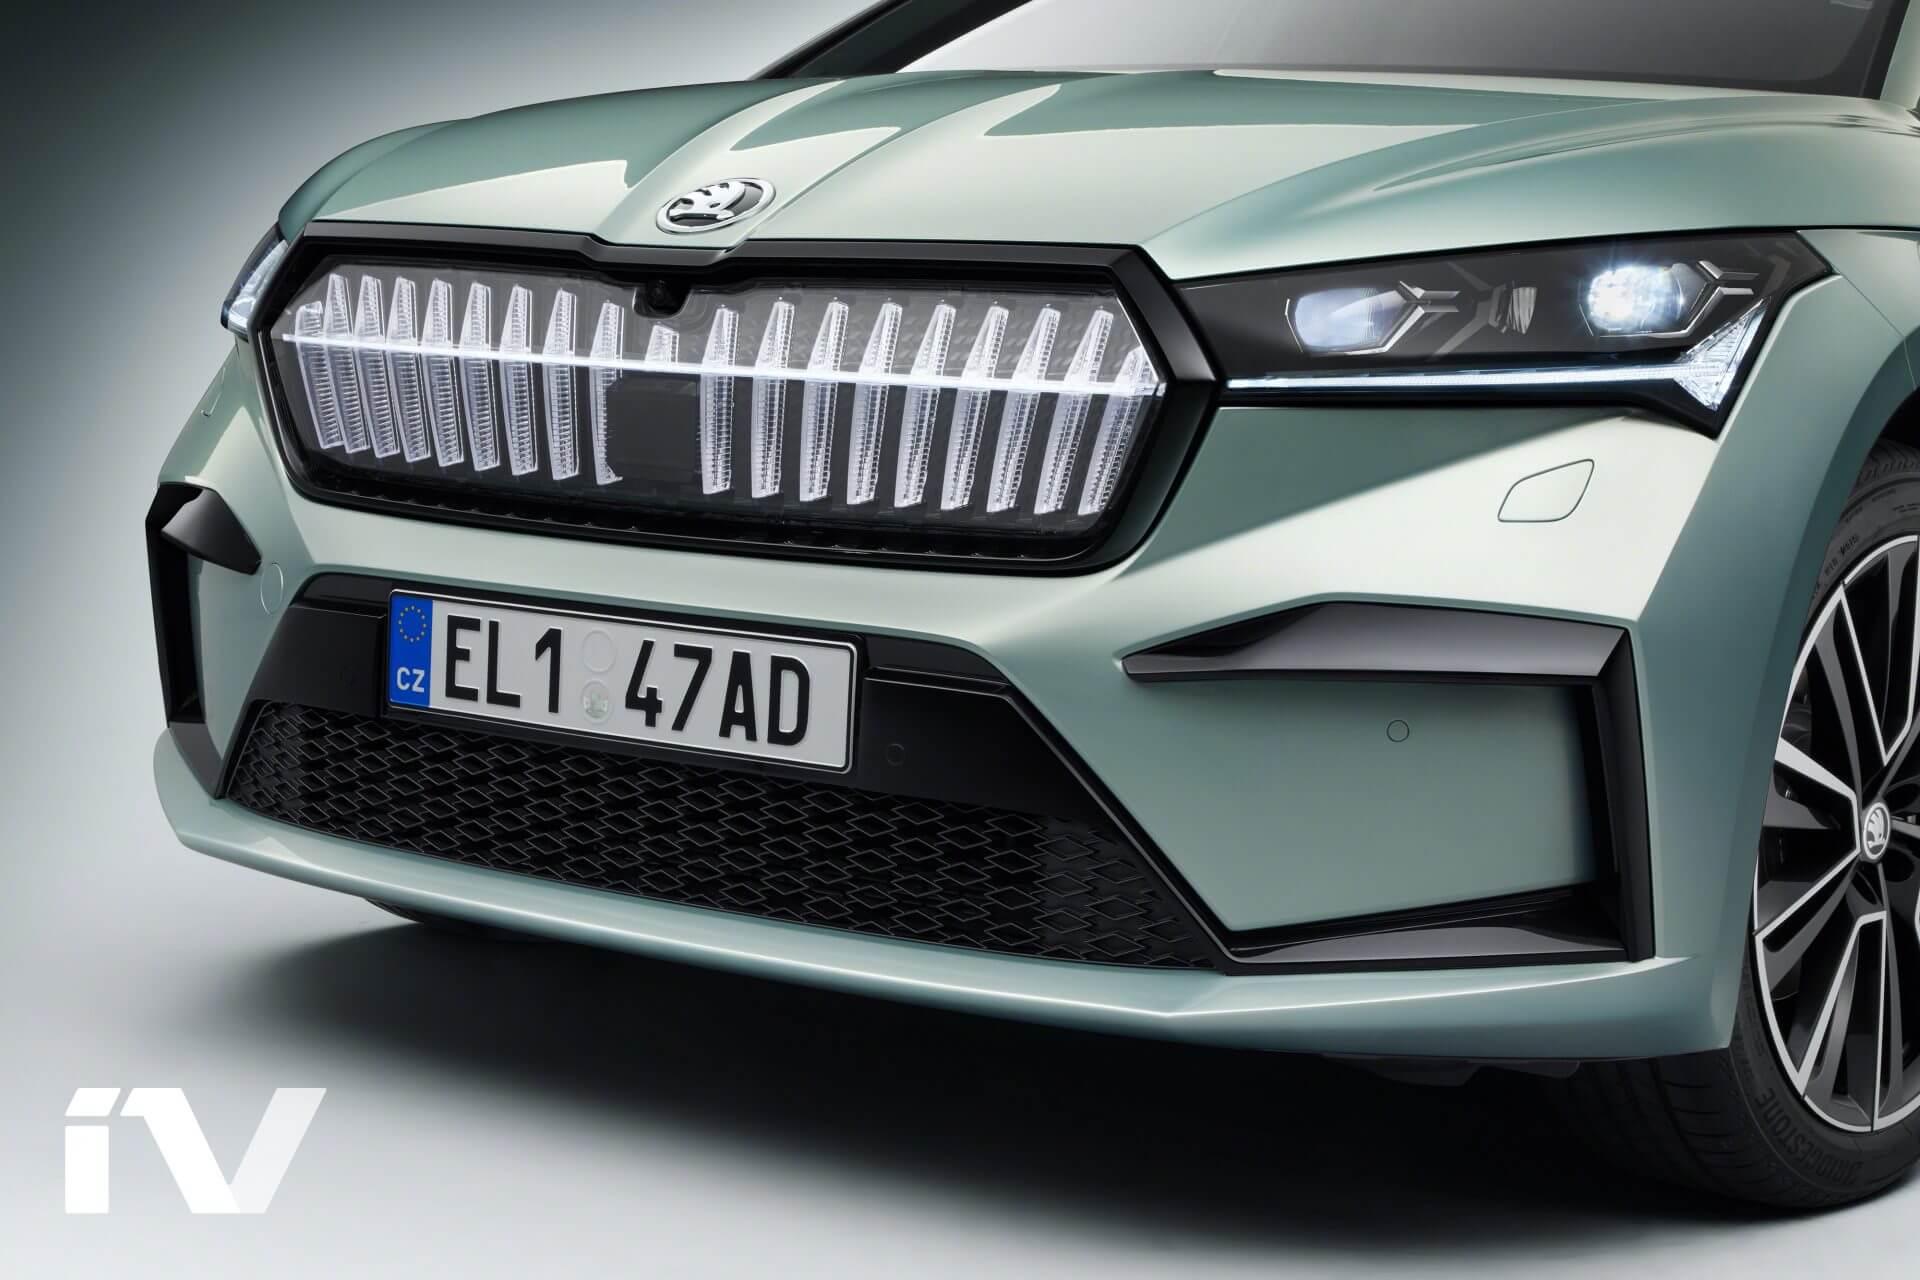 Традиционная решетка радиатора Škoda усилена кристаллическим эффектом и подсвечивается 130 светодиодами